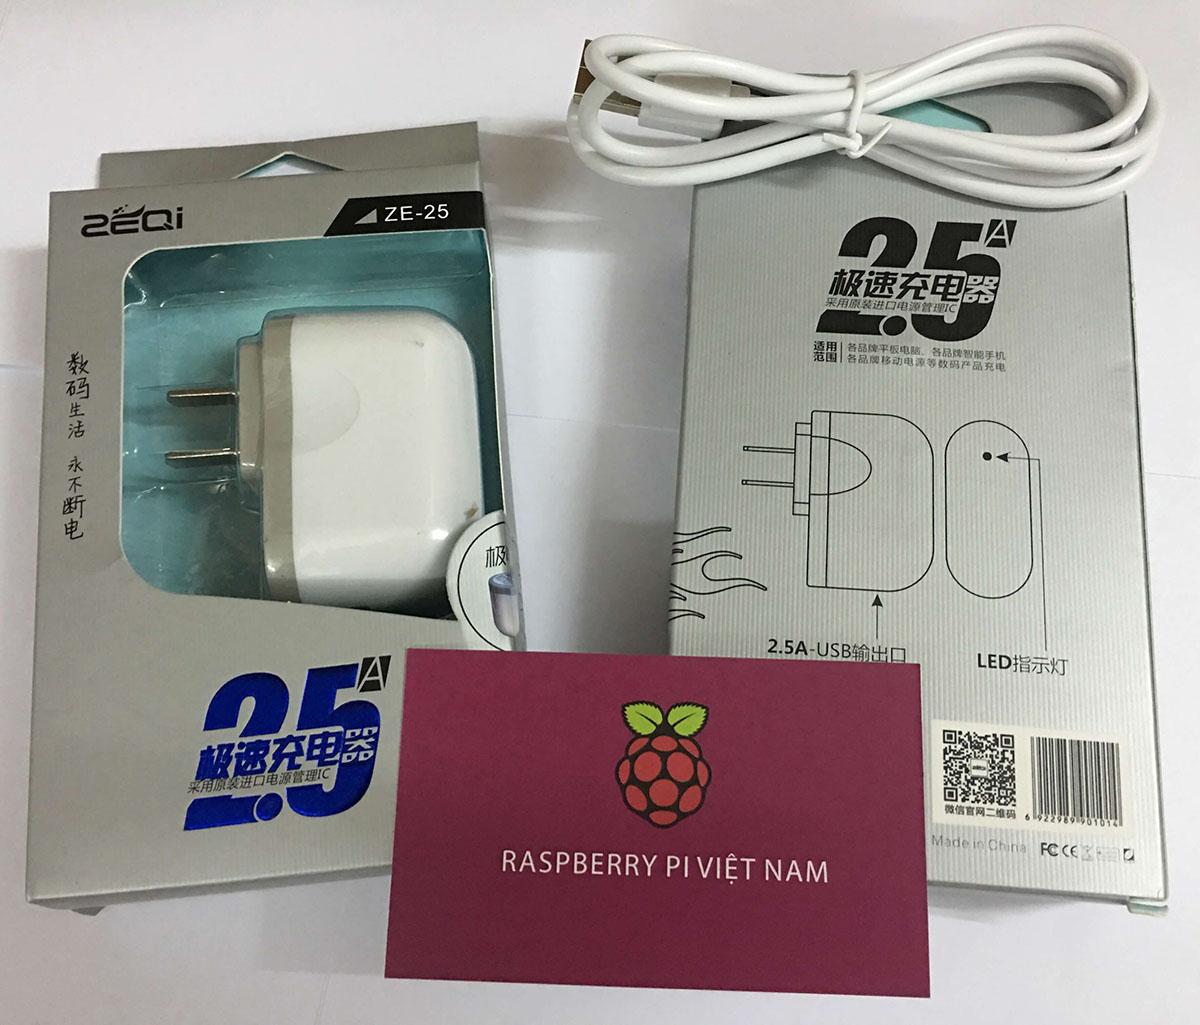 C0217 - Nguồn Raspberry Pi 3 - 5V 2.5A